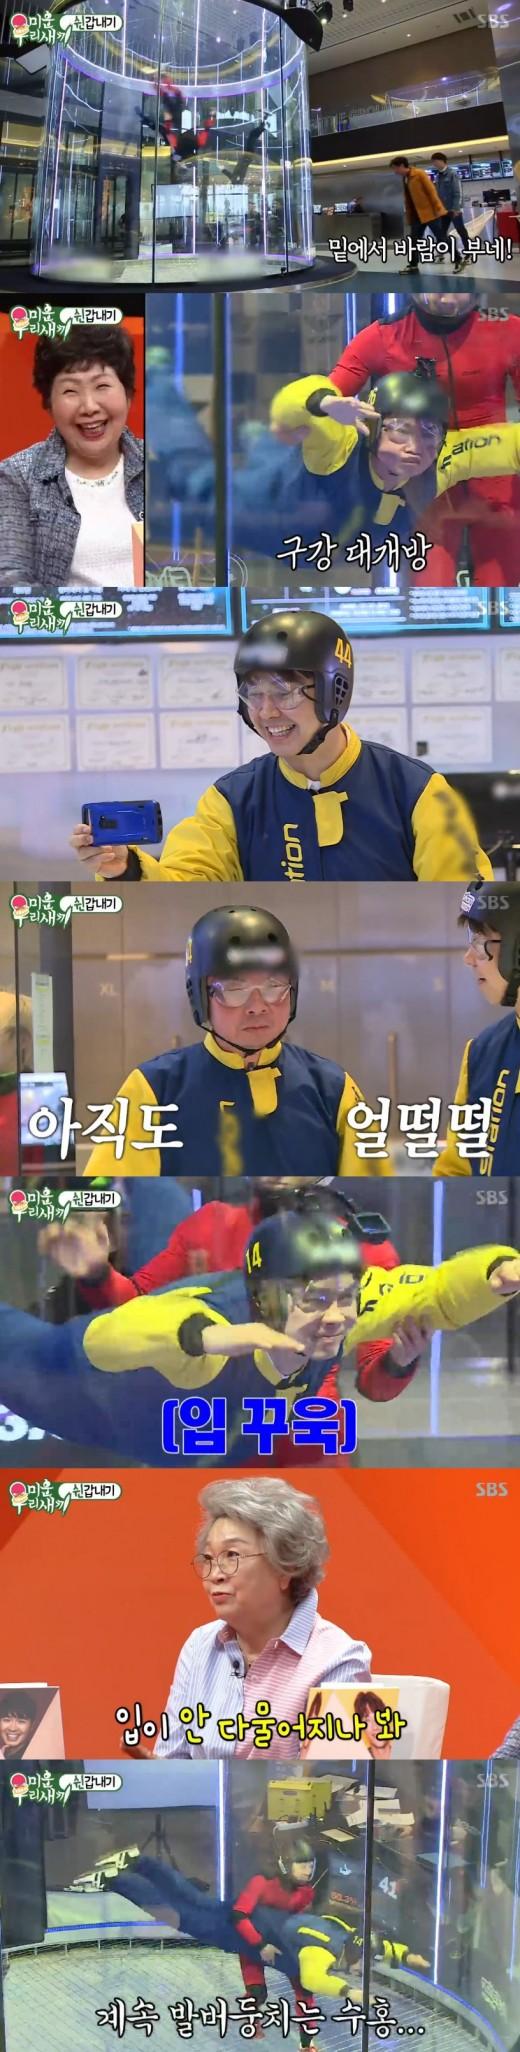 '미우새' 쉰 살 친구 박수홍과 임원희가 만났을 때... 스카이다이빙도 짠하게